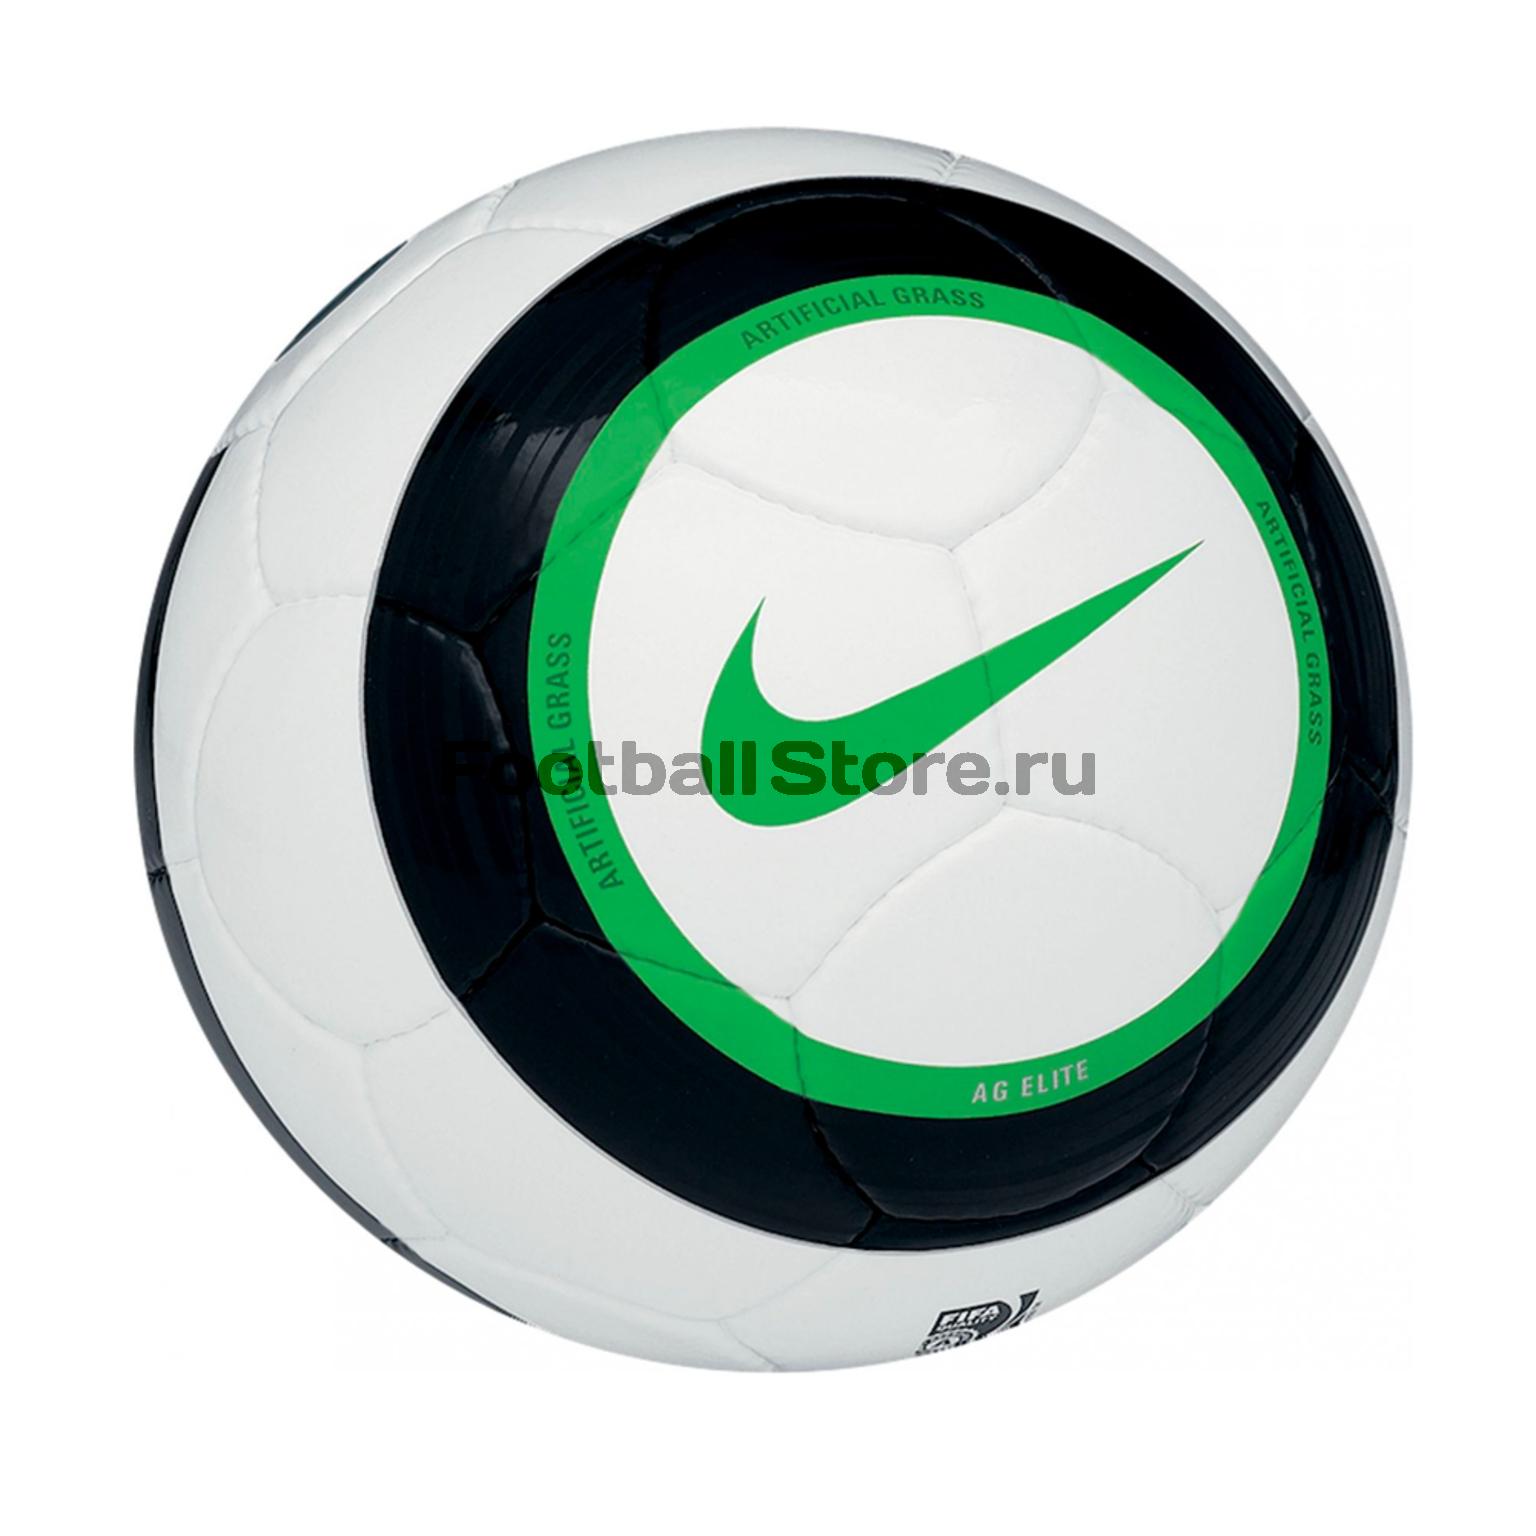 Классические Nike Мяч футбольный Nike T90 ag elite SC1912-130